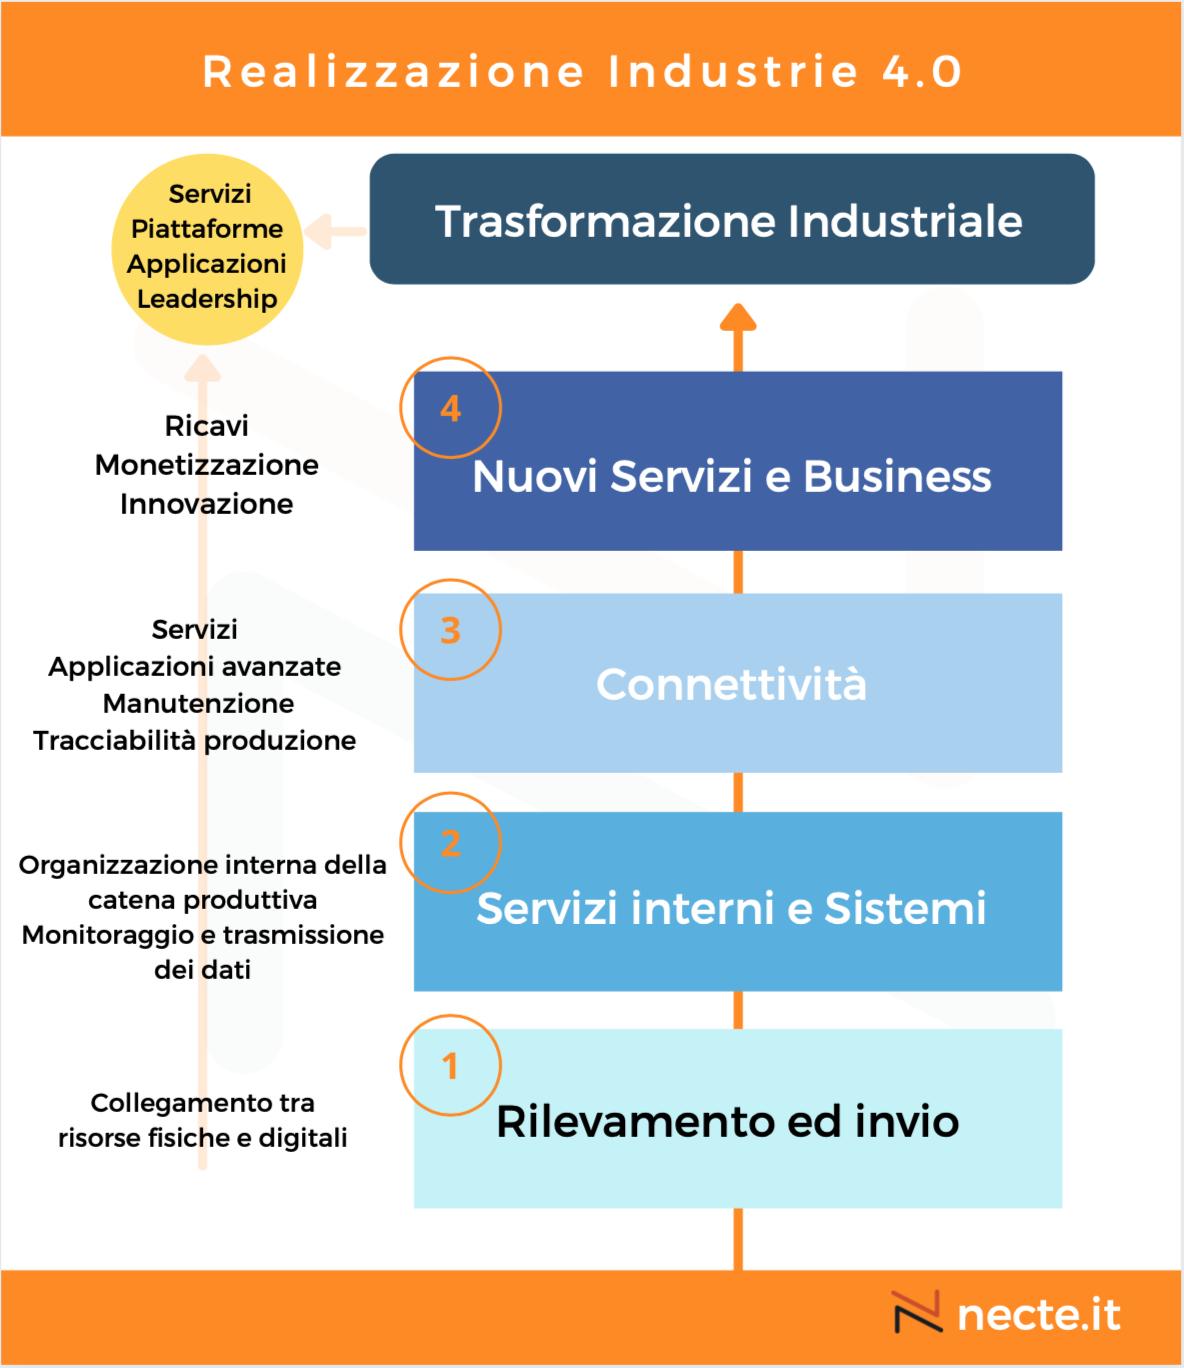 Realizzazione industrie 4.0